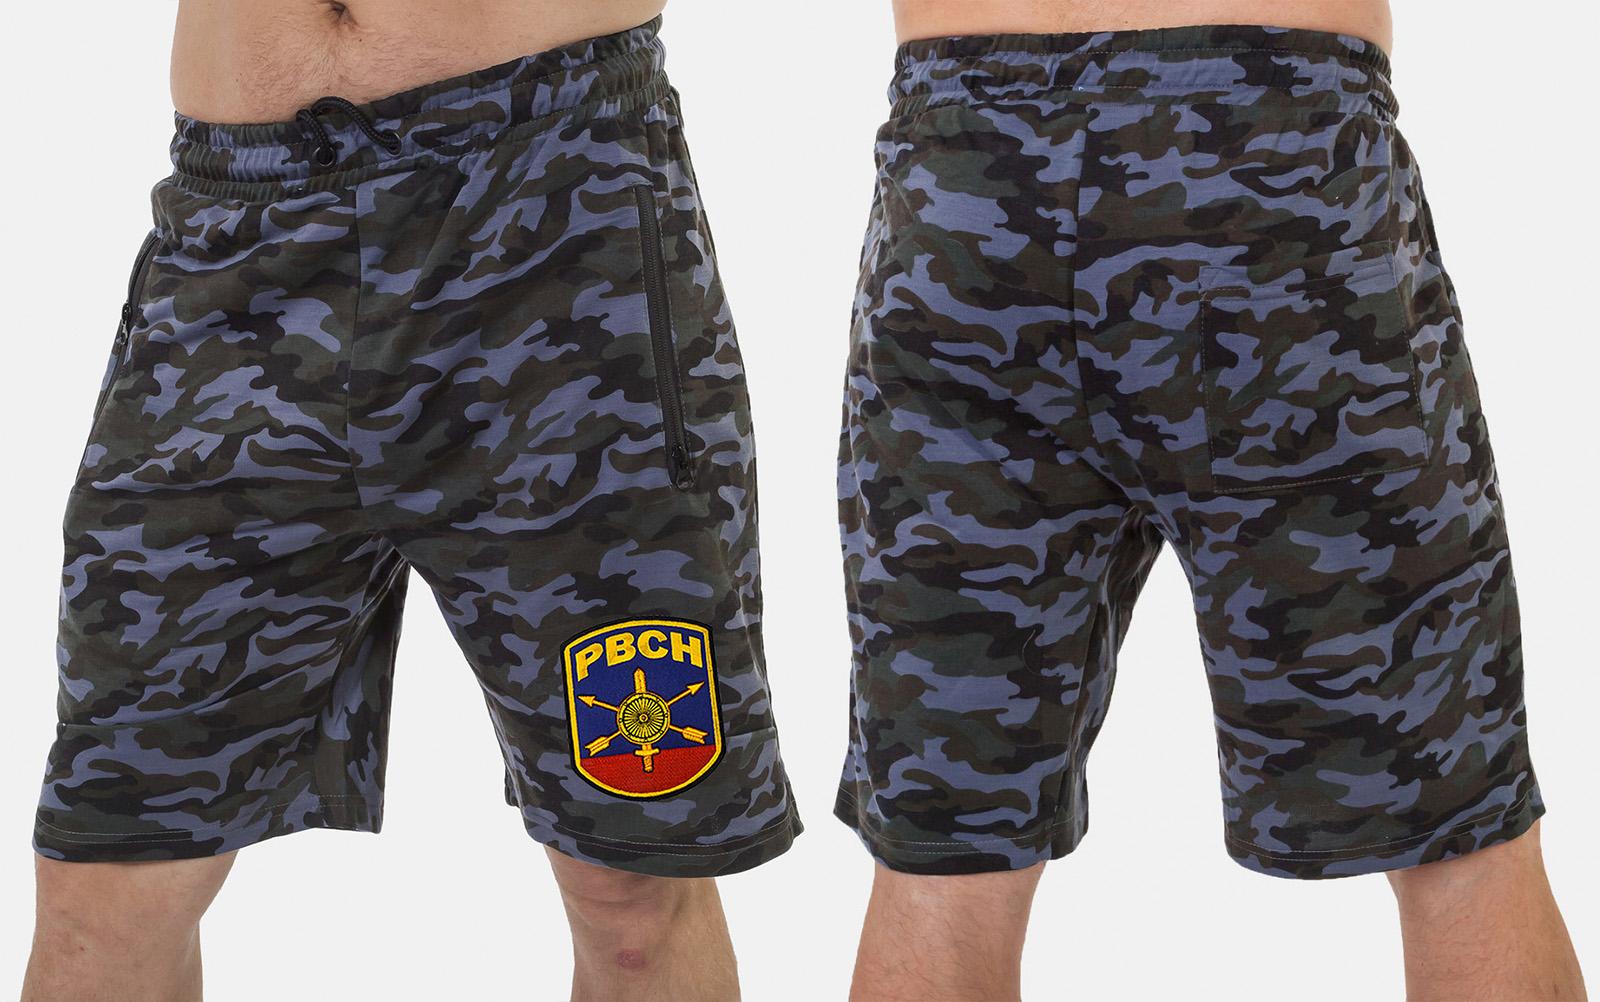 Мужские милитари шорты с нашивкой РВСН - купить с доставкой